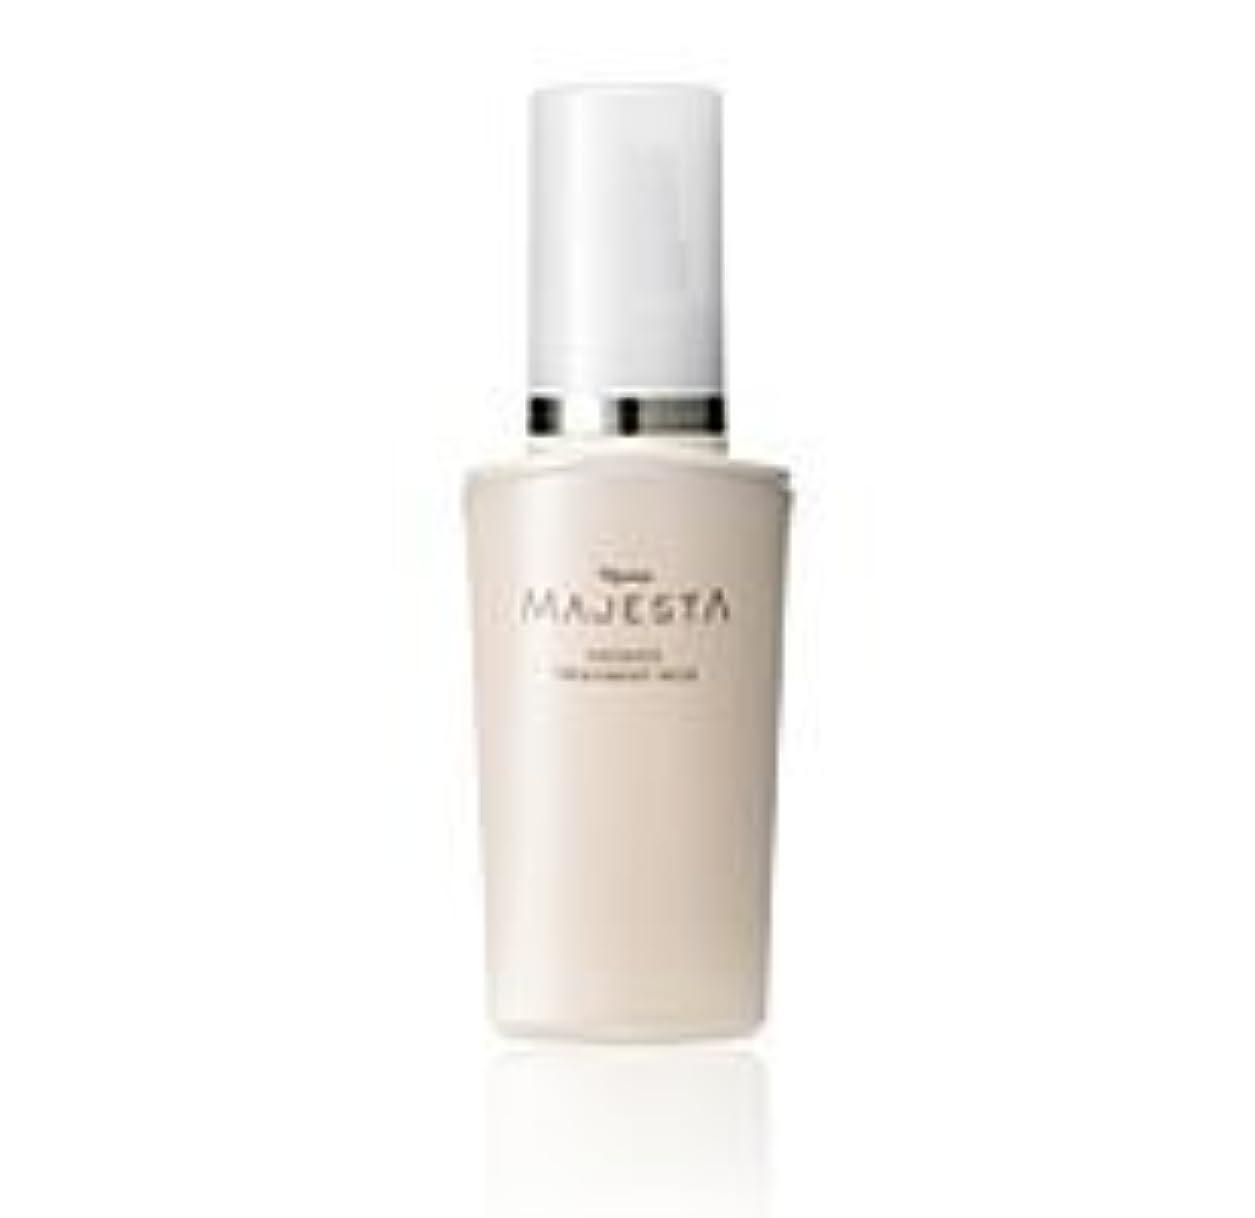 割合平行市民権ナリス化粧品 マジェスタ ネオアクシス トリートメントミルク (美容乳液) 80ml